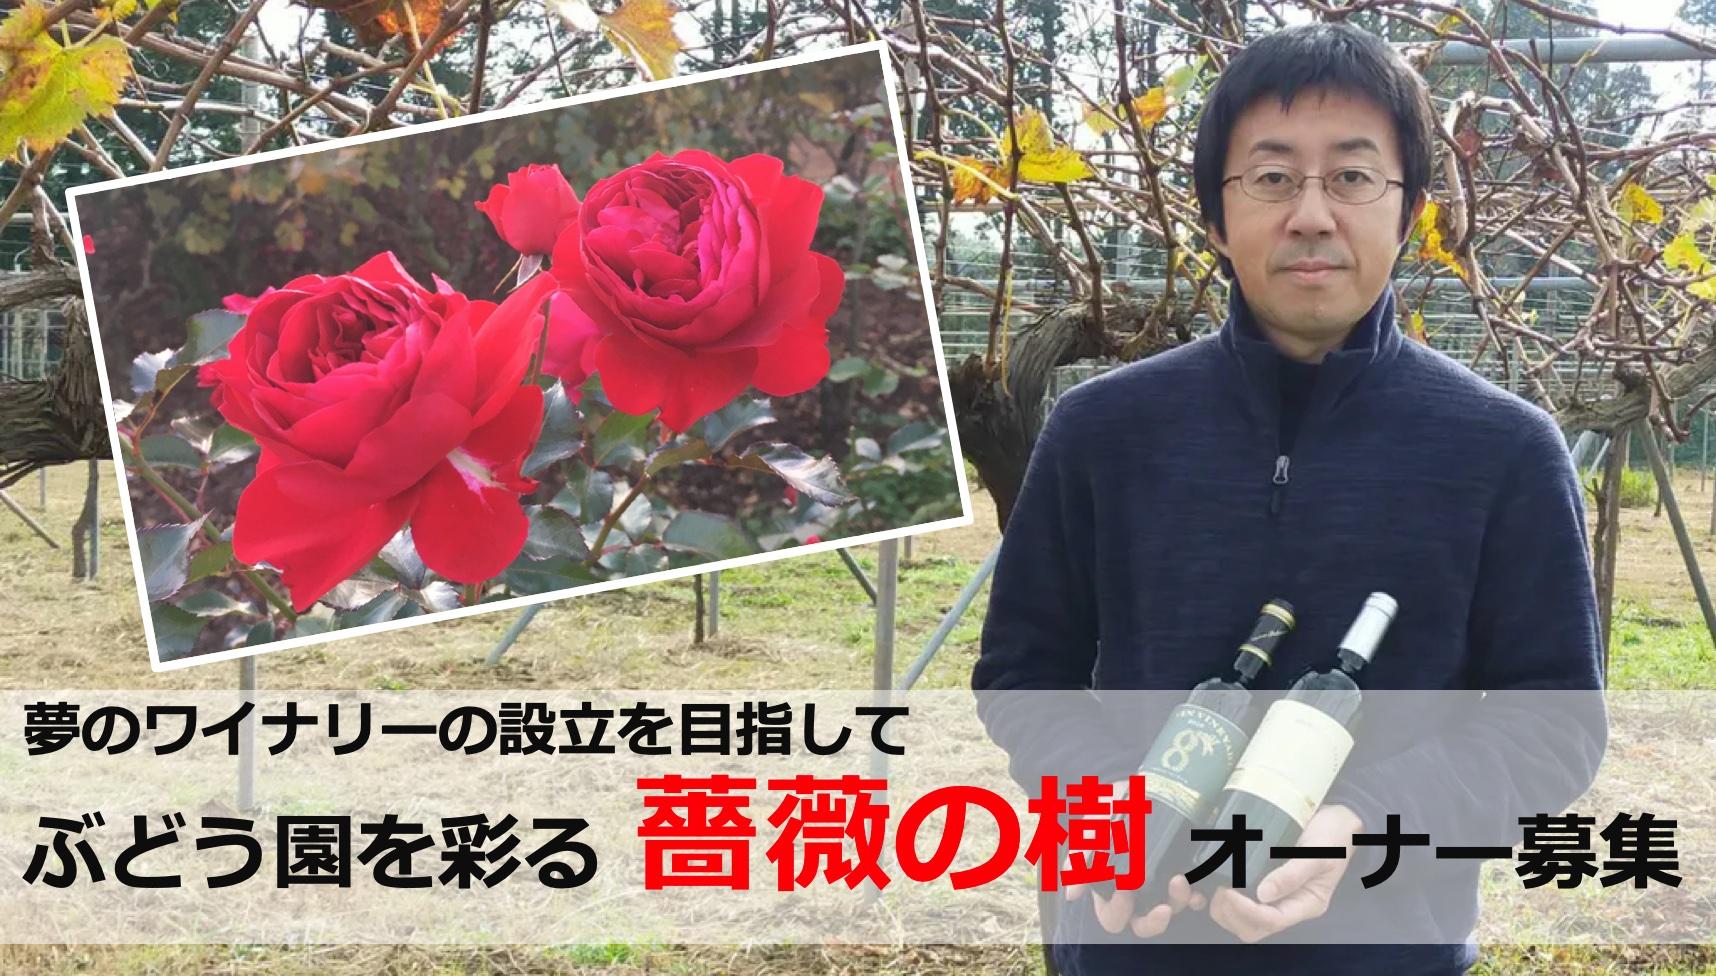 「ぶどう園を彩る 薔薇の樹オーナー募集」プロジェクト🌹